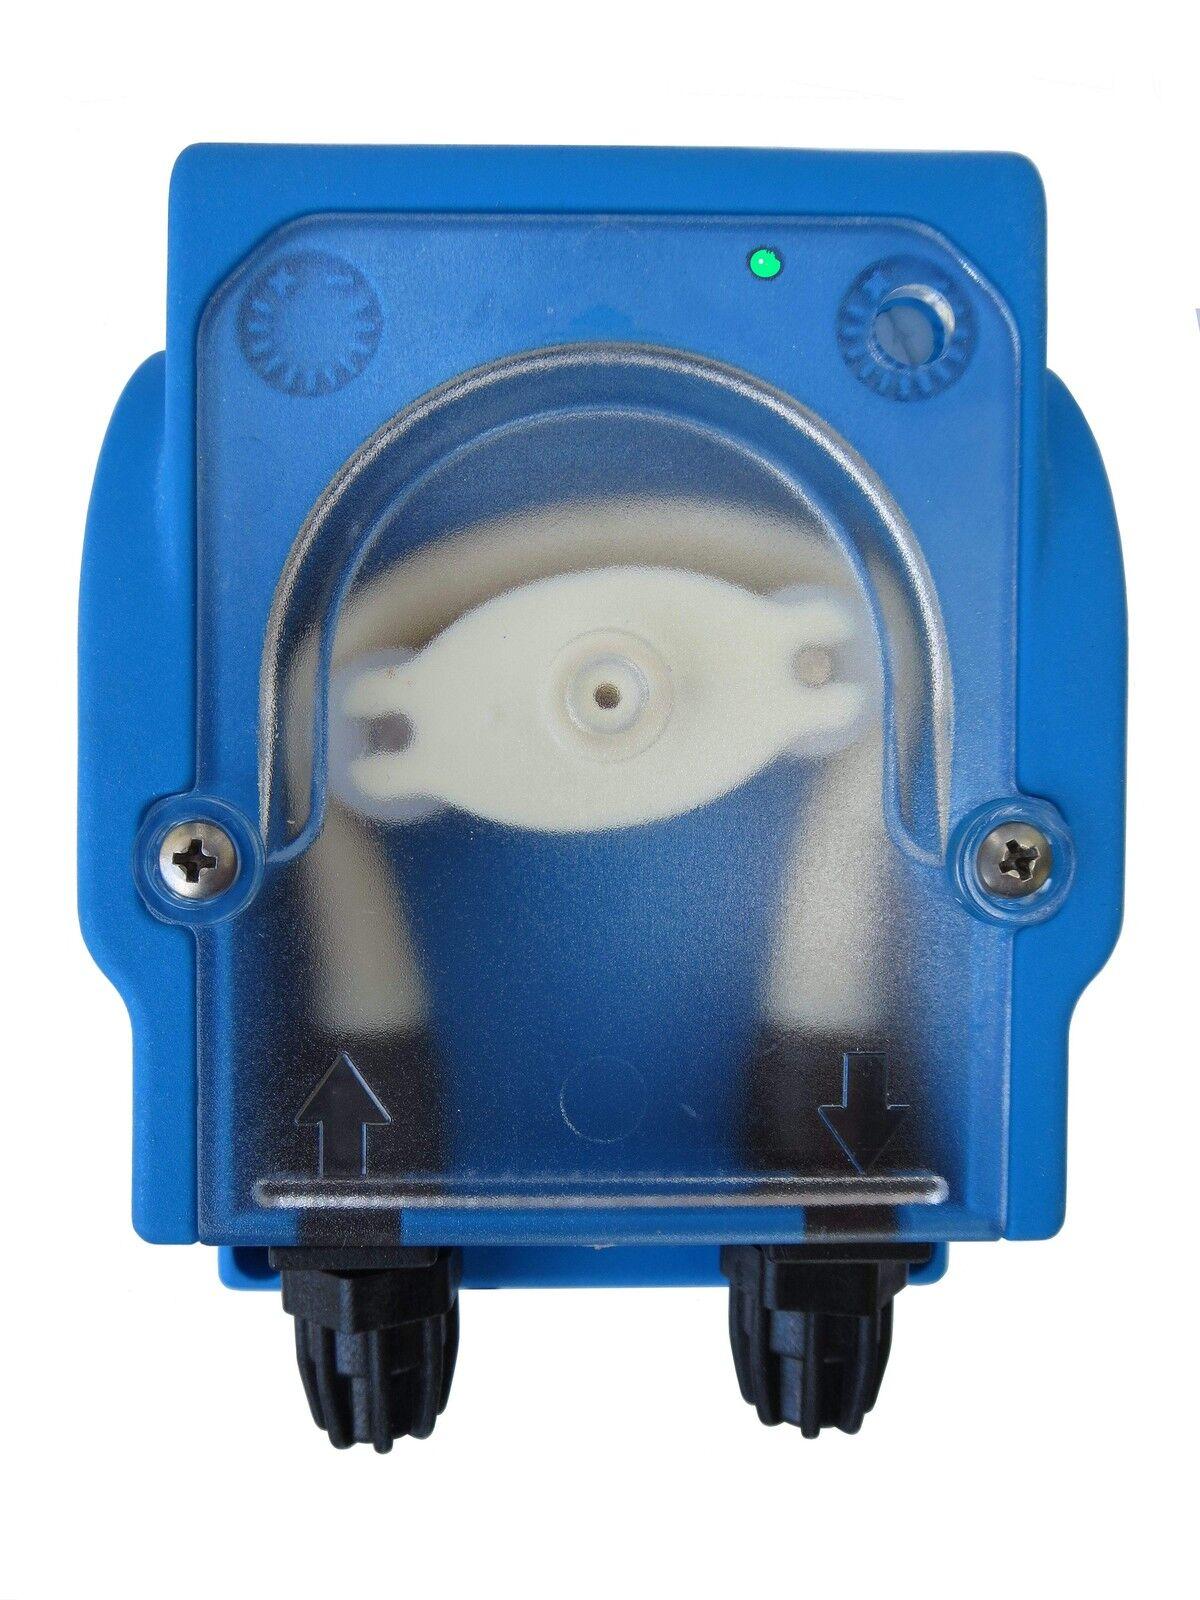 ottima selezione e consegna rapida POMPA dosatrice regolabili 230v 0,9-4 L h con indicatore luminoso luminoso luminoso di e messaggio vuoto  vendita economica